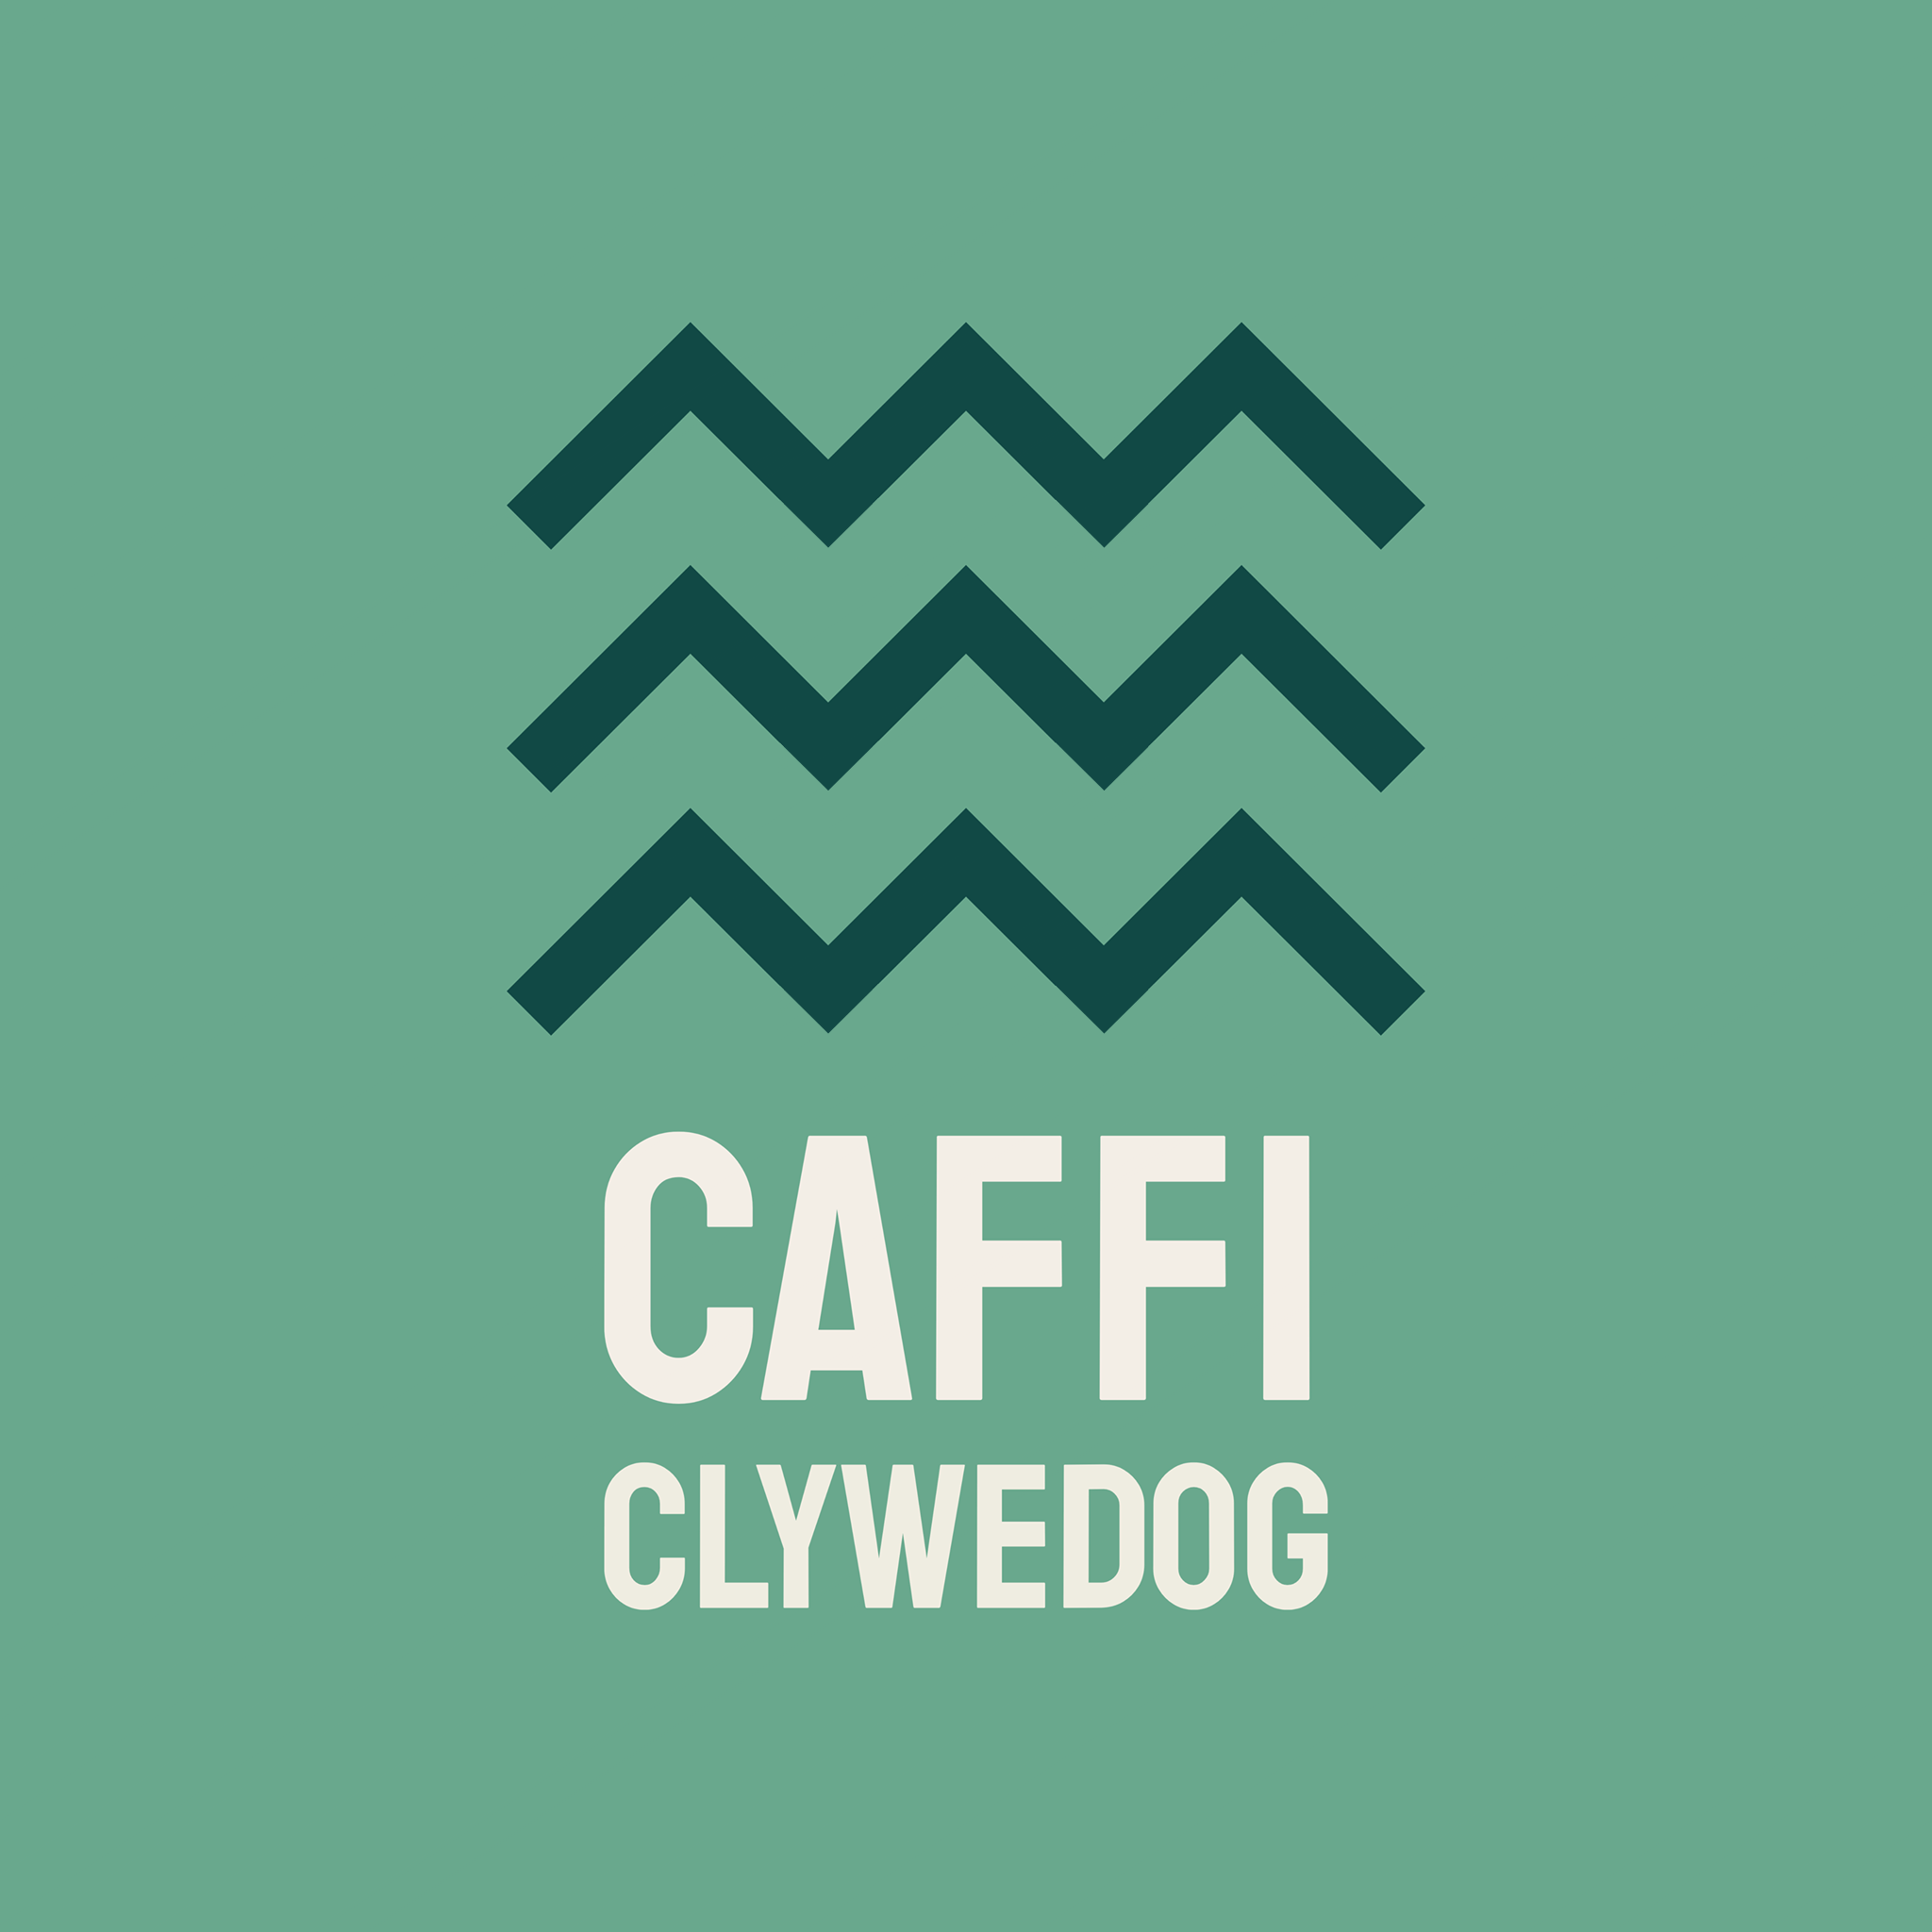 Caffi Clywedog